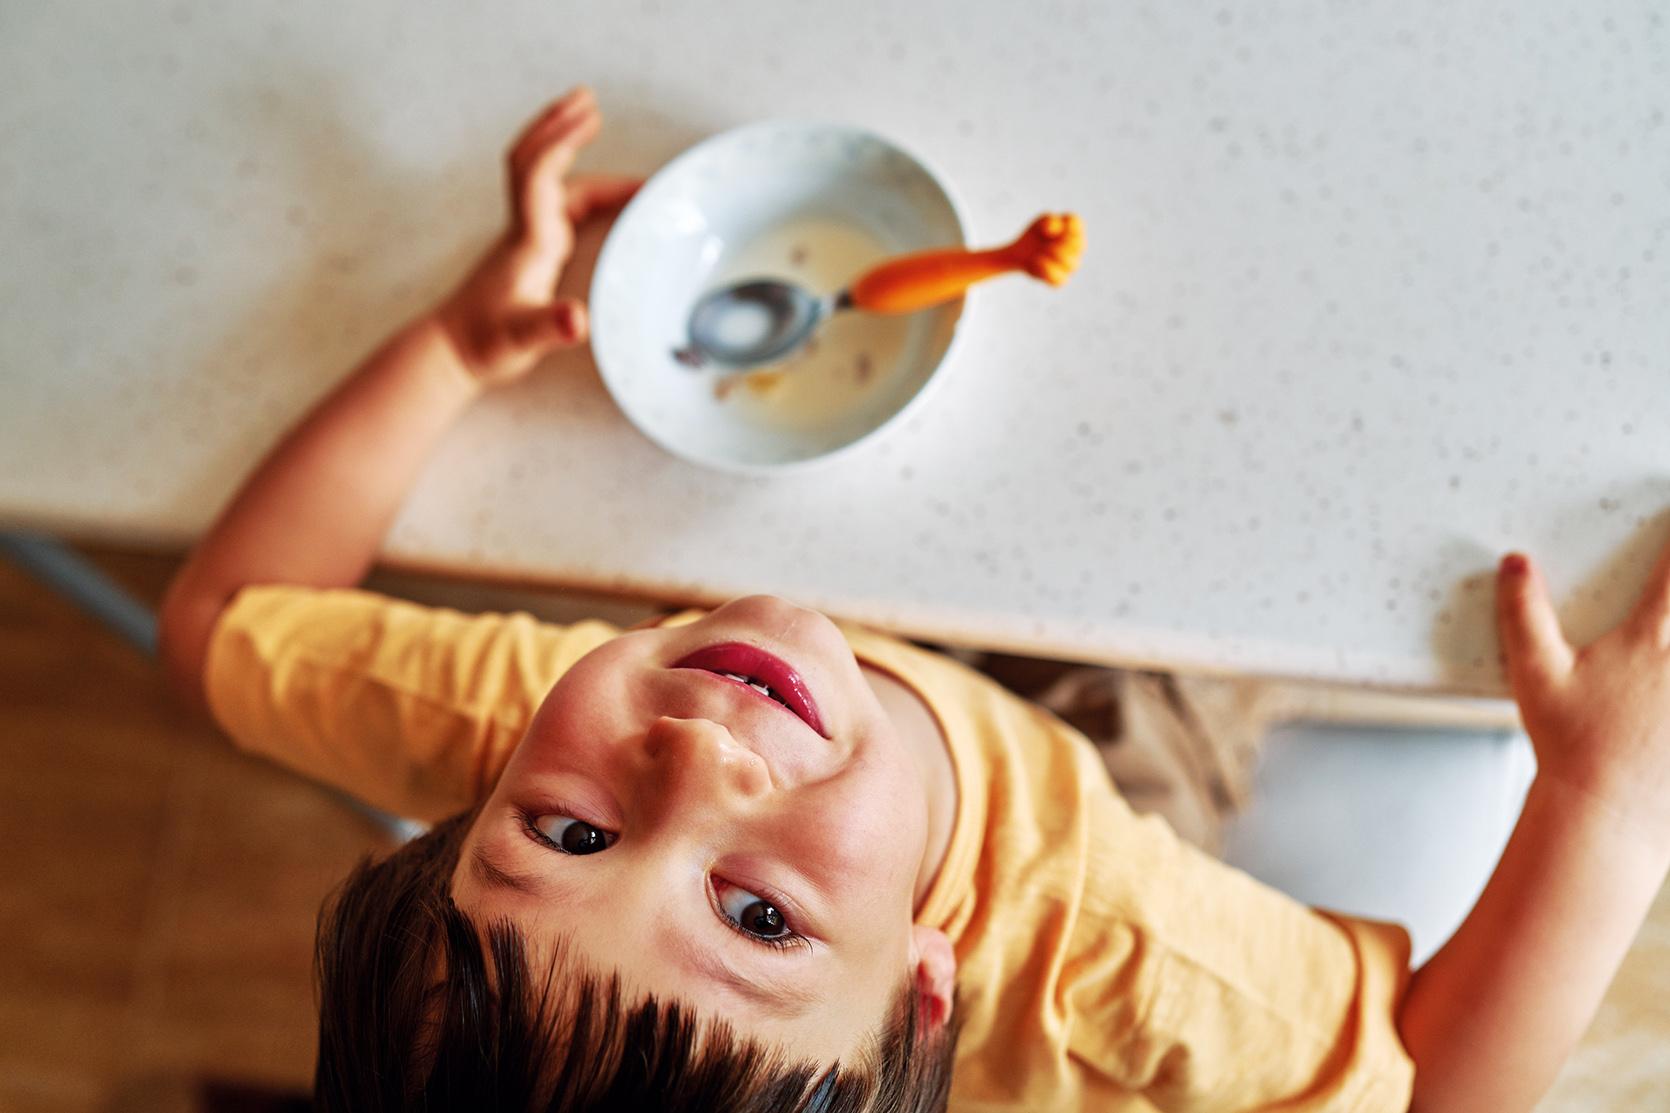 Dziecko wymiotuje po mleku